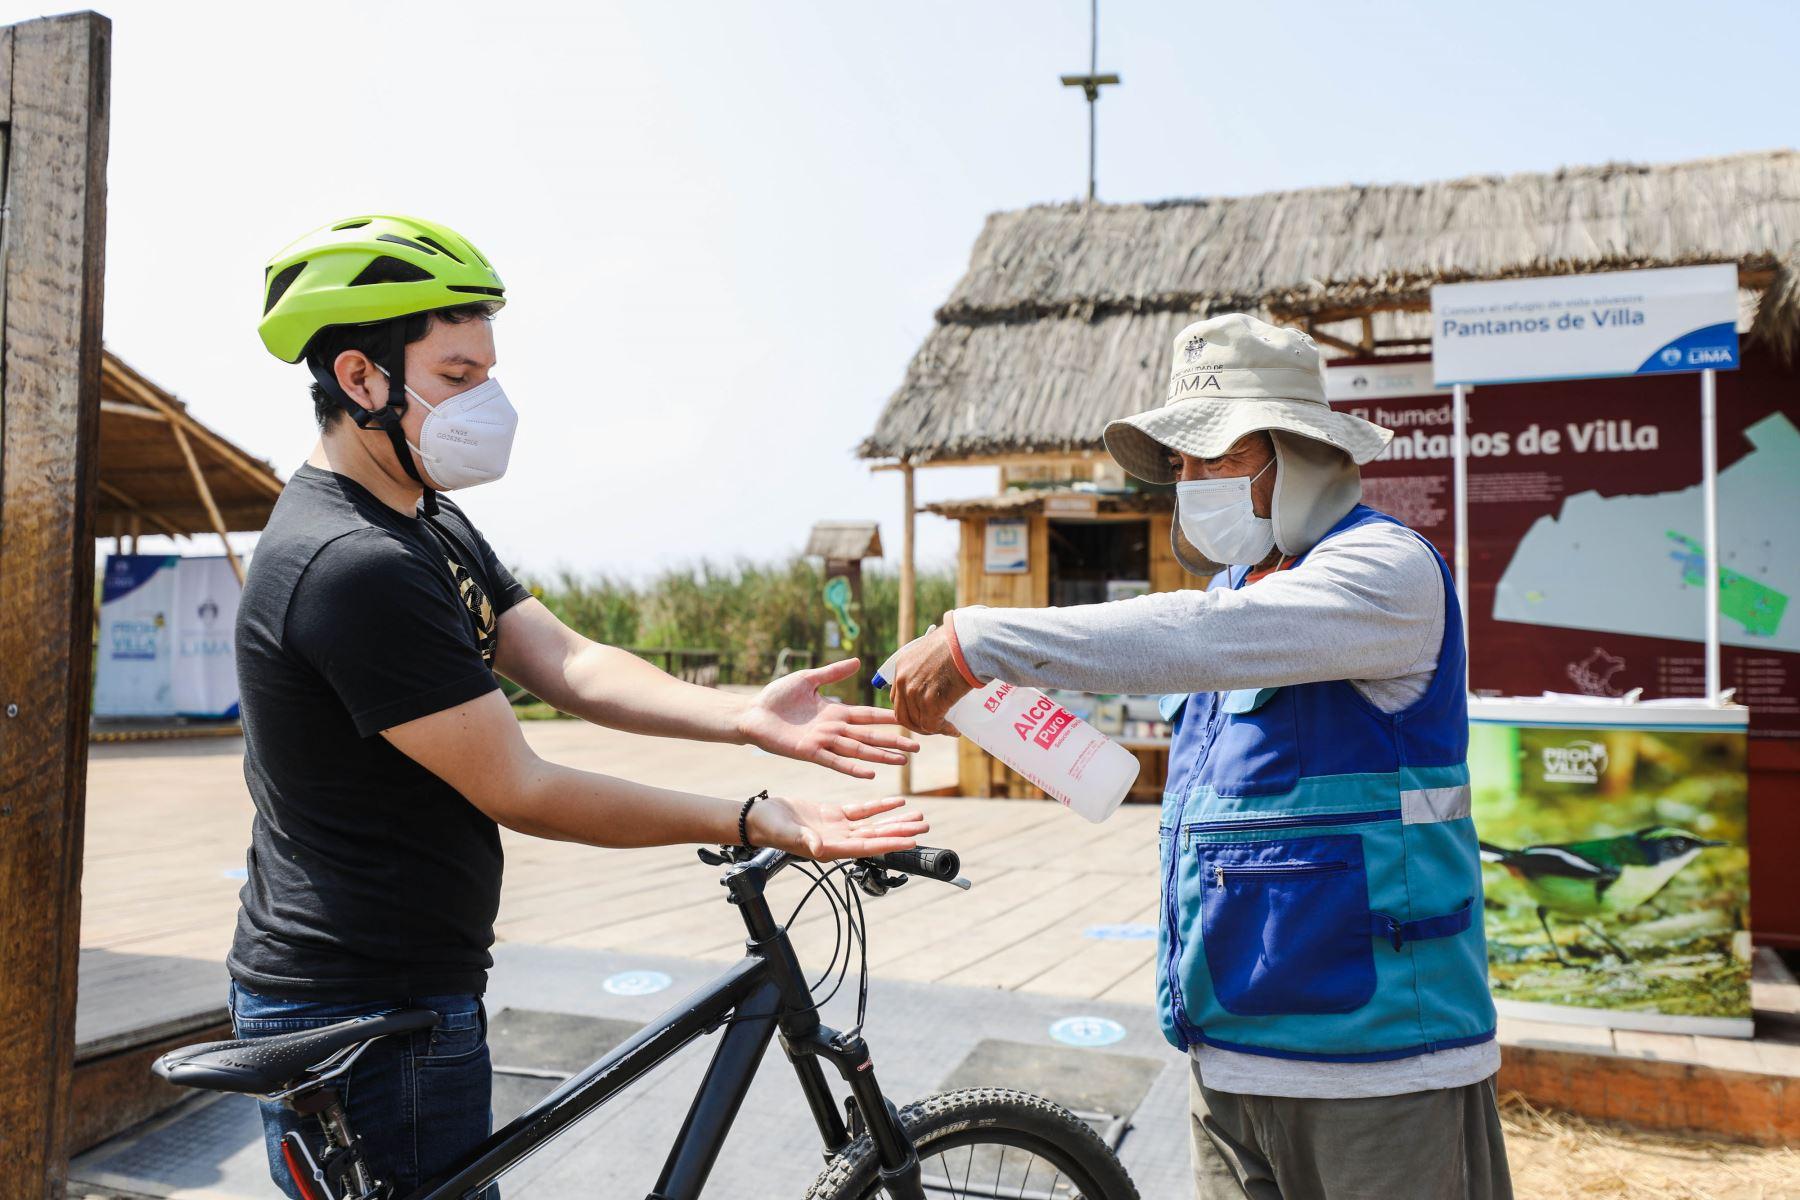 Pantanos de Villa son visitados por ciclistas quienes pasan por todos los protocolos de seguridad antes de ingresar. Foto: MML